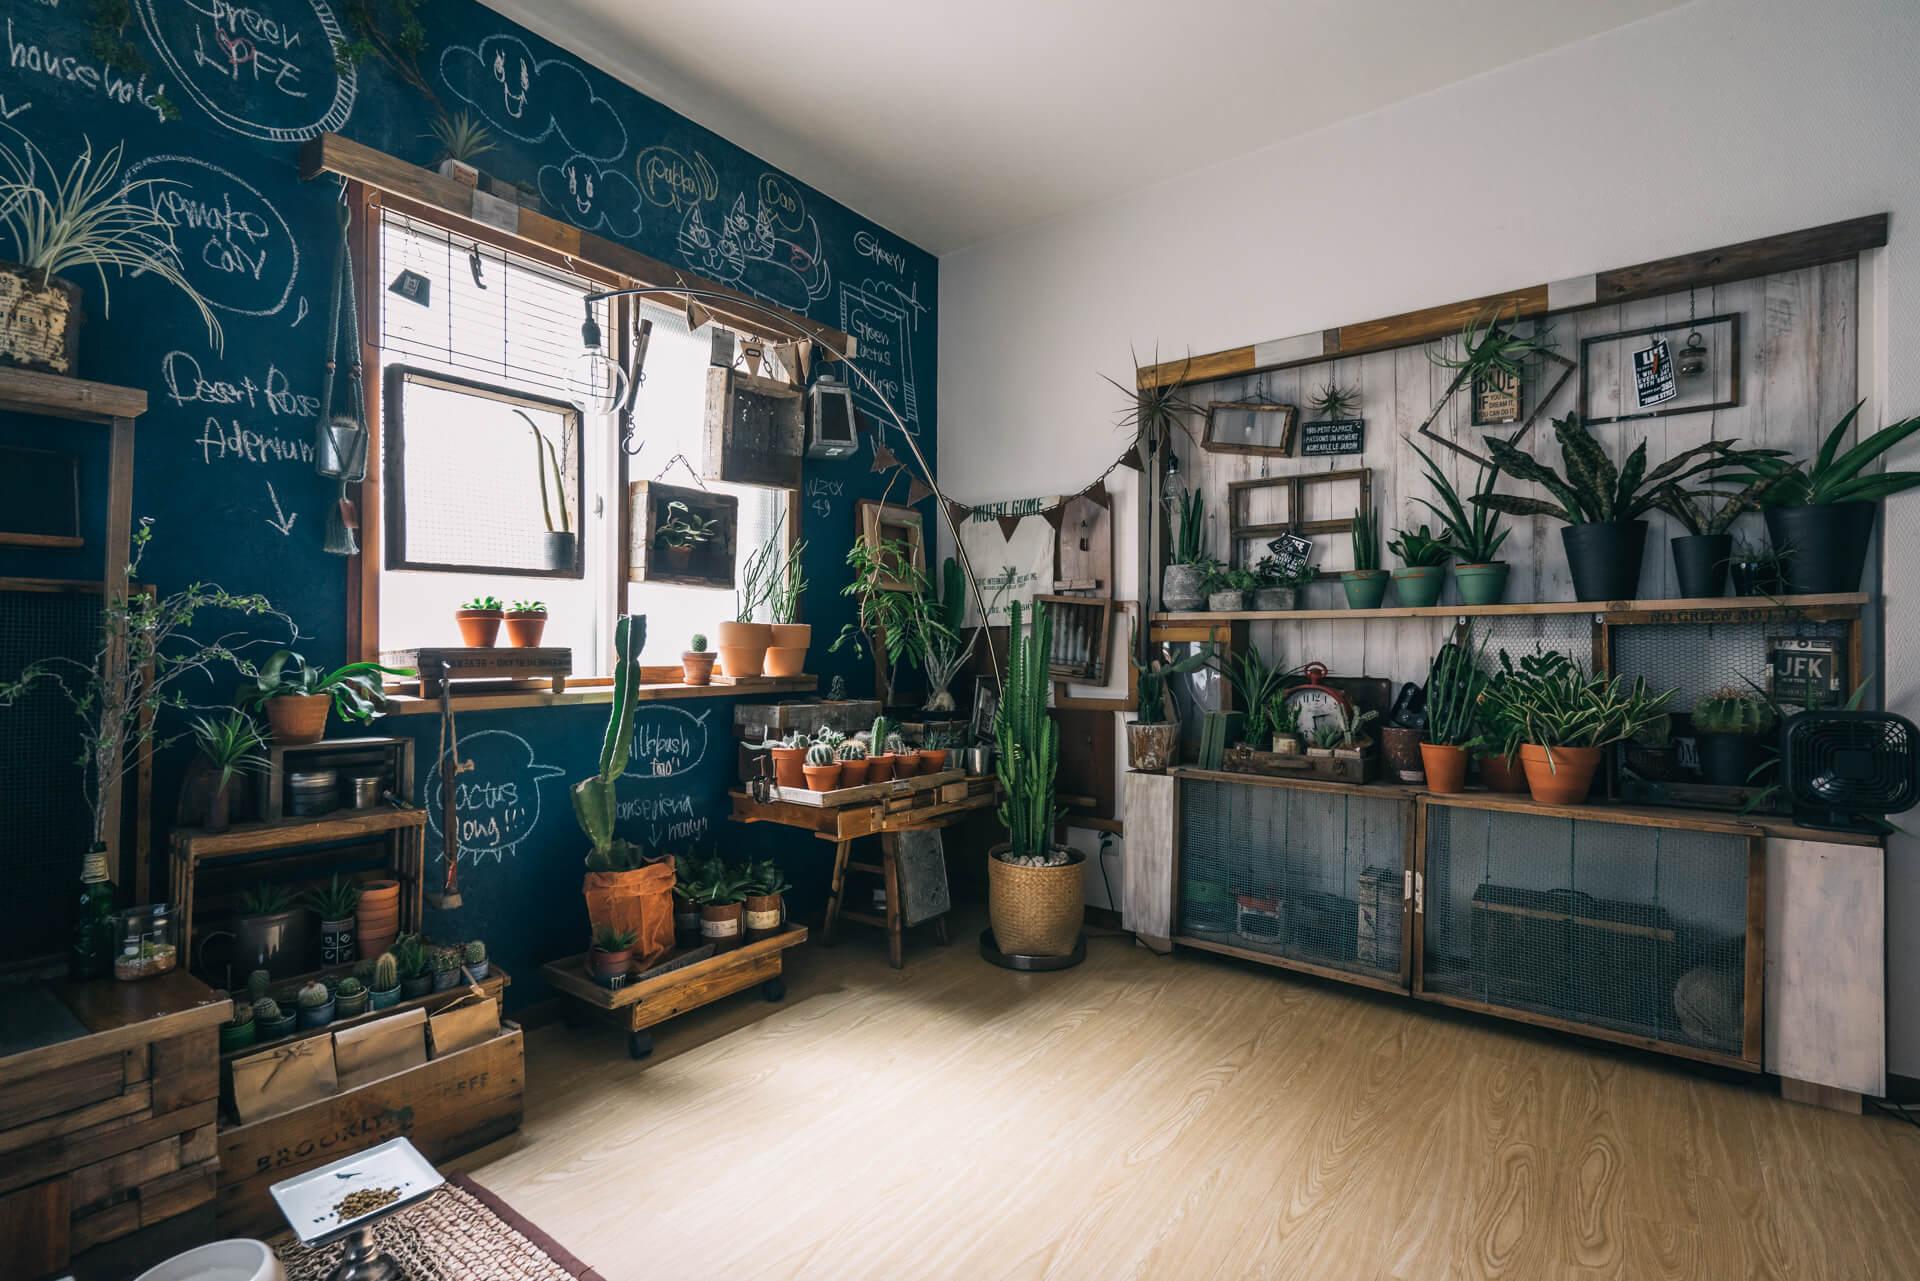 楽しいイラストの描かれた黒板塗装の壁が印象的。はがせる壁紙の上から、自分で色を配合して塗りました。イラストは、ご自身が描かれたもの。グリーンもたくさん飾られ、楽しい雰囲気のお部屋です。